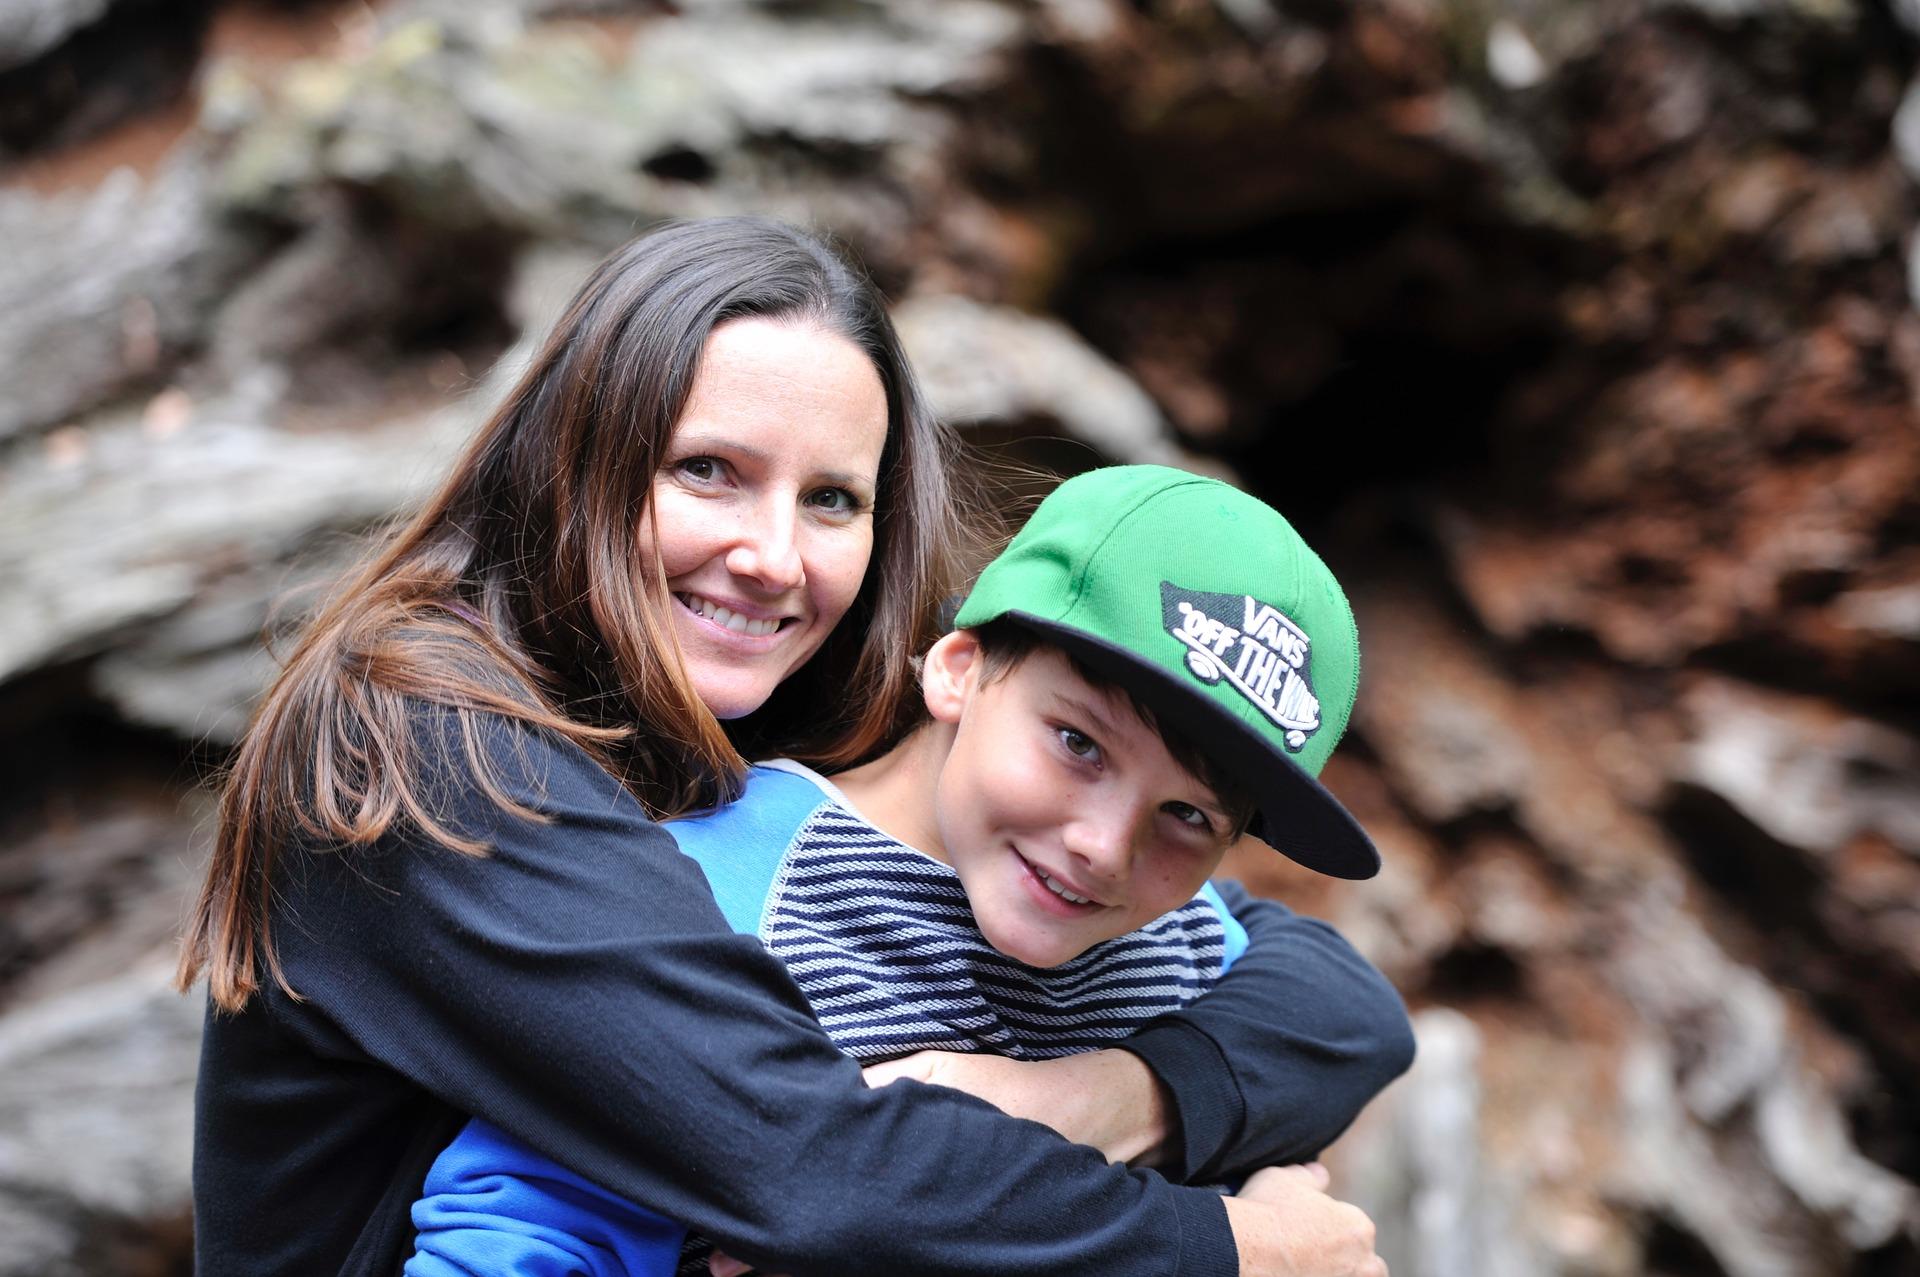 beoordeling ouders kinderfysiotherapie amsterdam